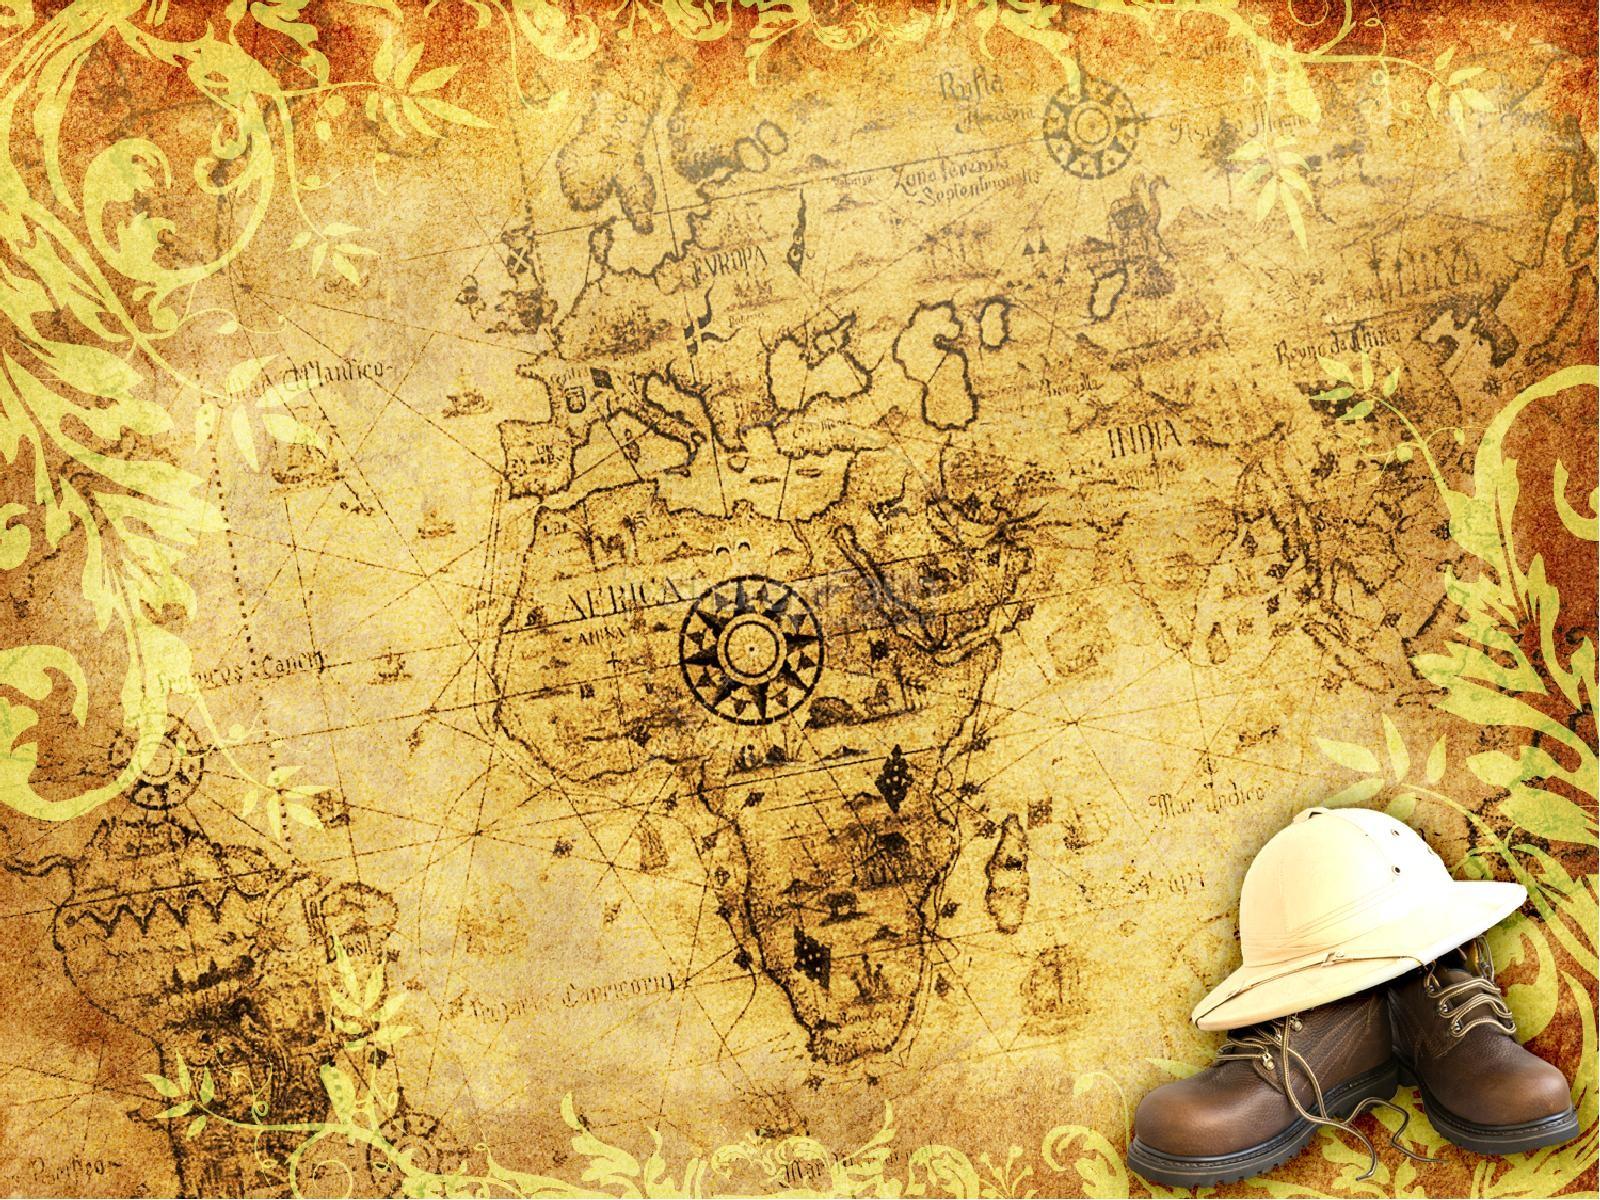 Hình nền powerpoint bản đồ thế giới mũ cối và đôi giầy